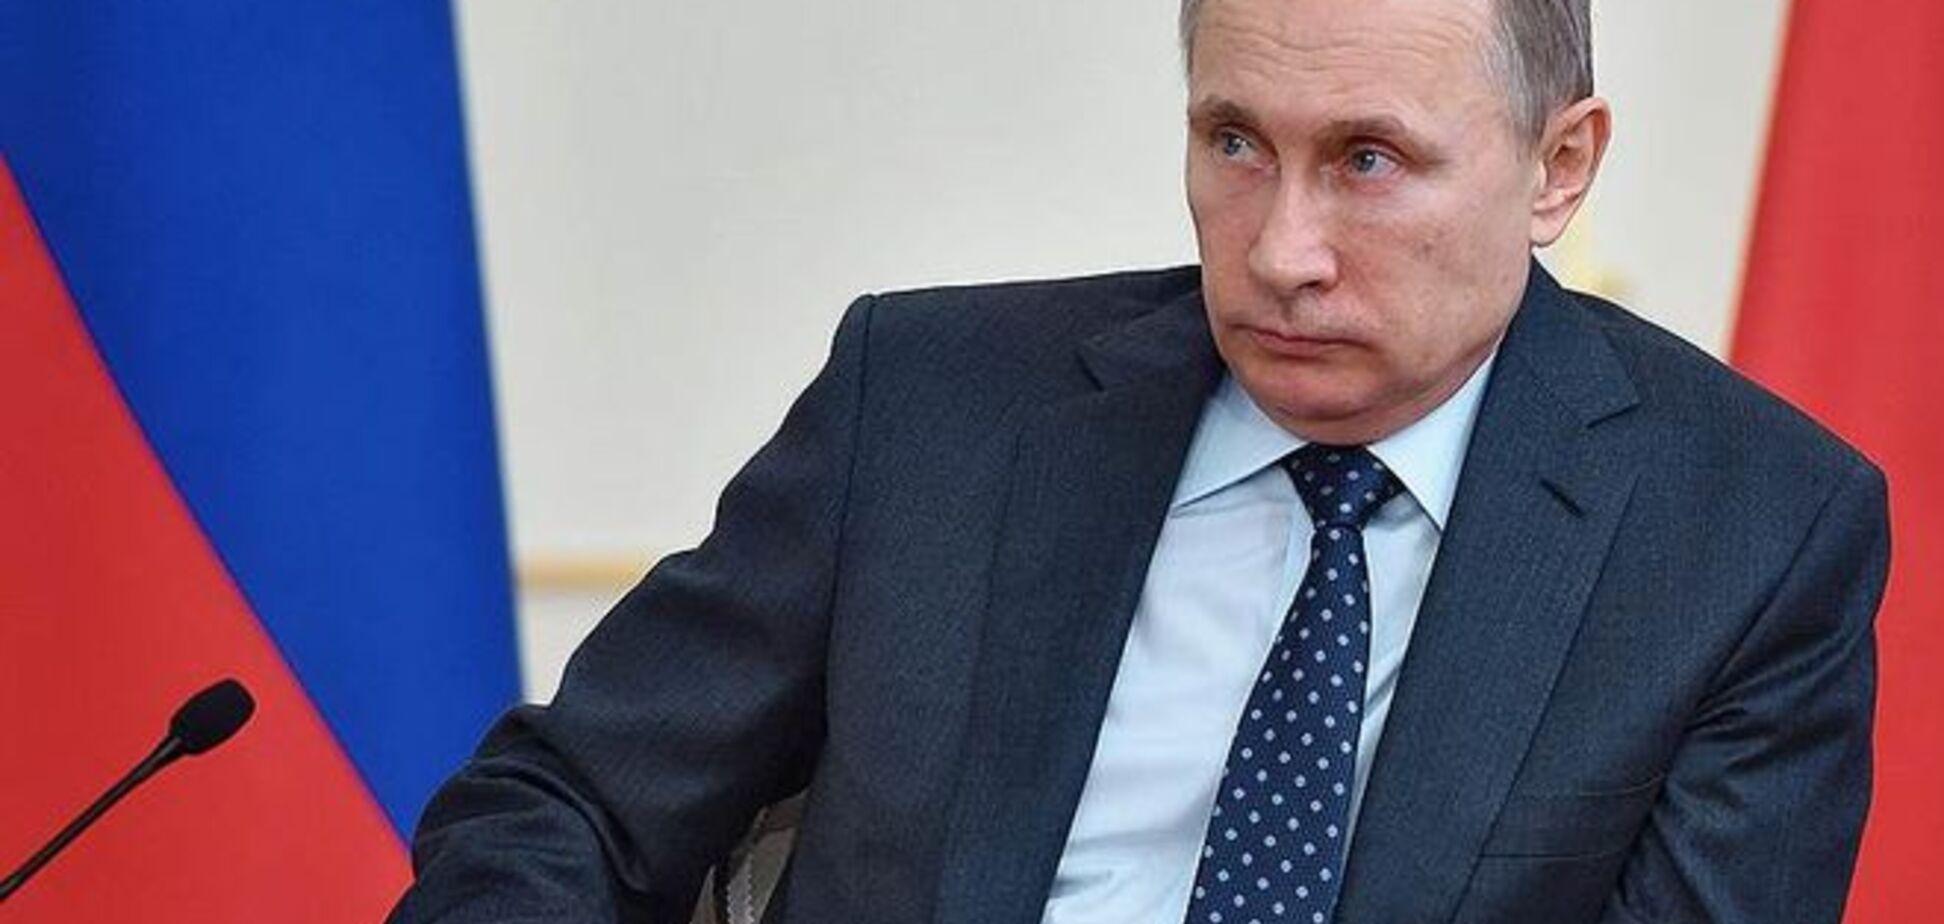 Терористи на Донбасі підконтрольні Путіну - Жебрівський